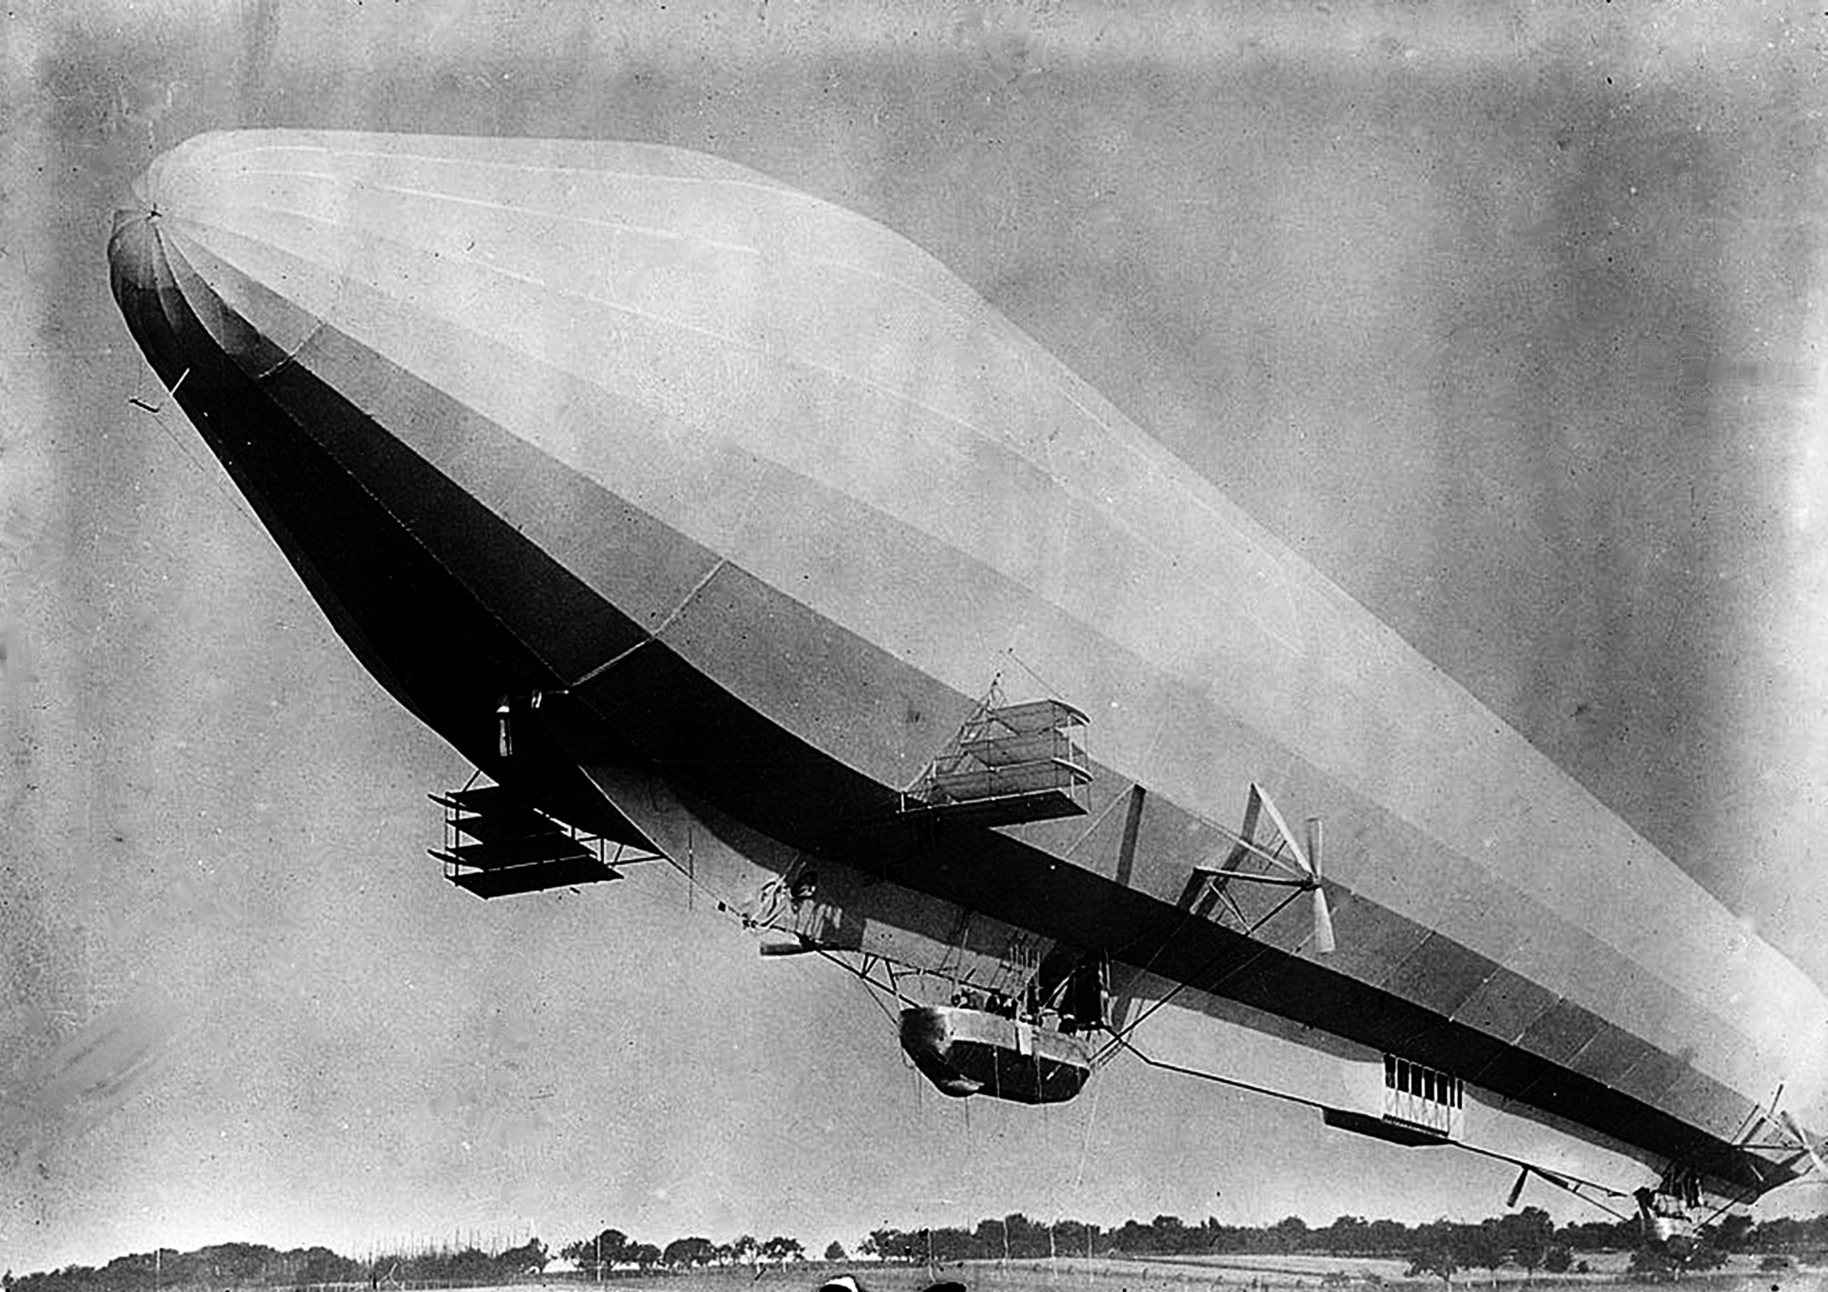 LZ 7 Deutschland zeppelin, circa 1910.